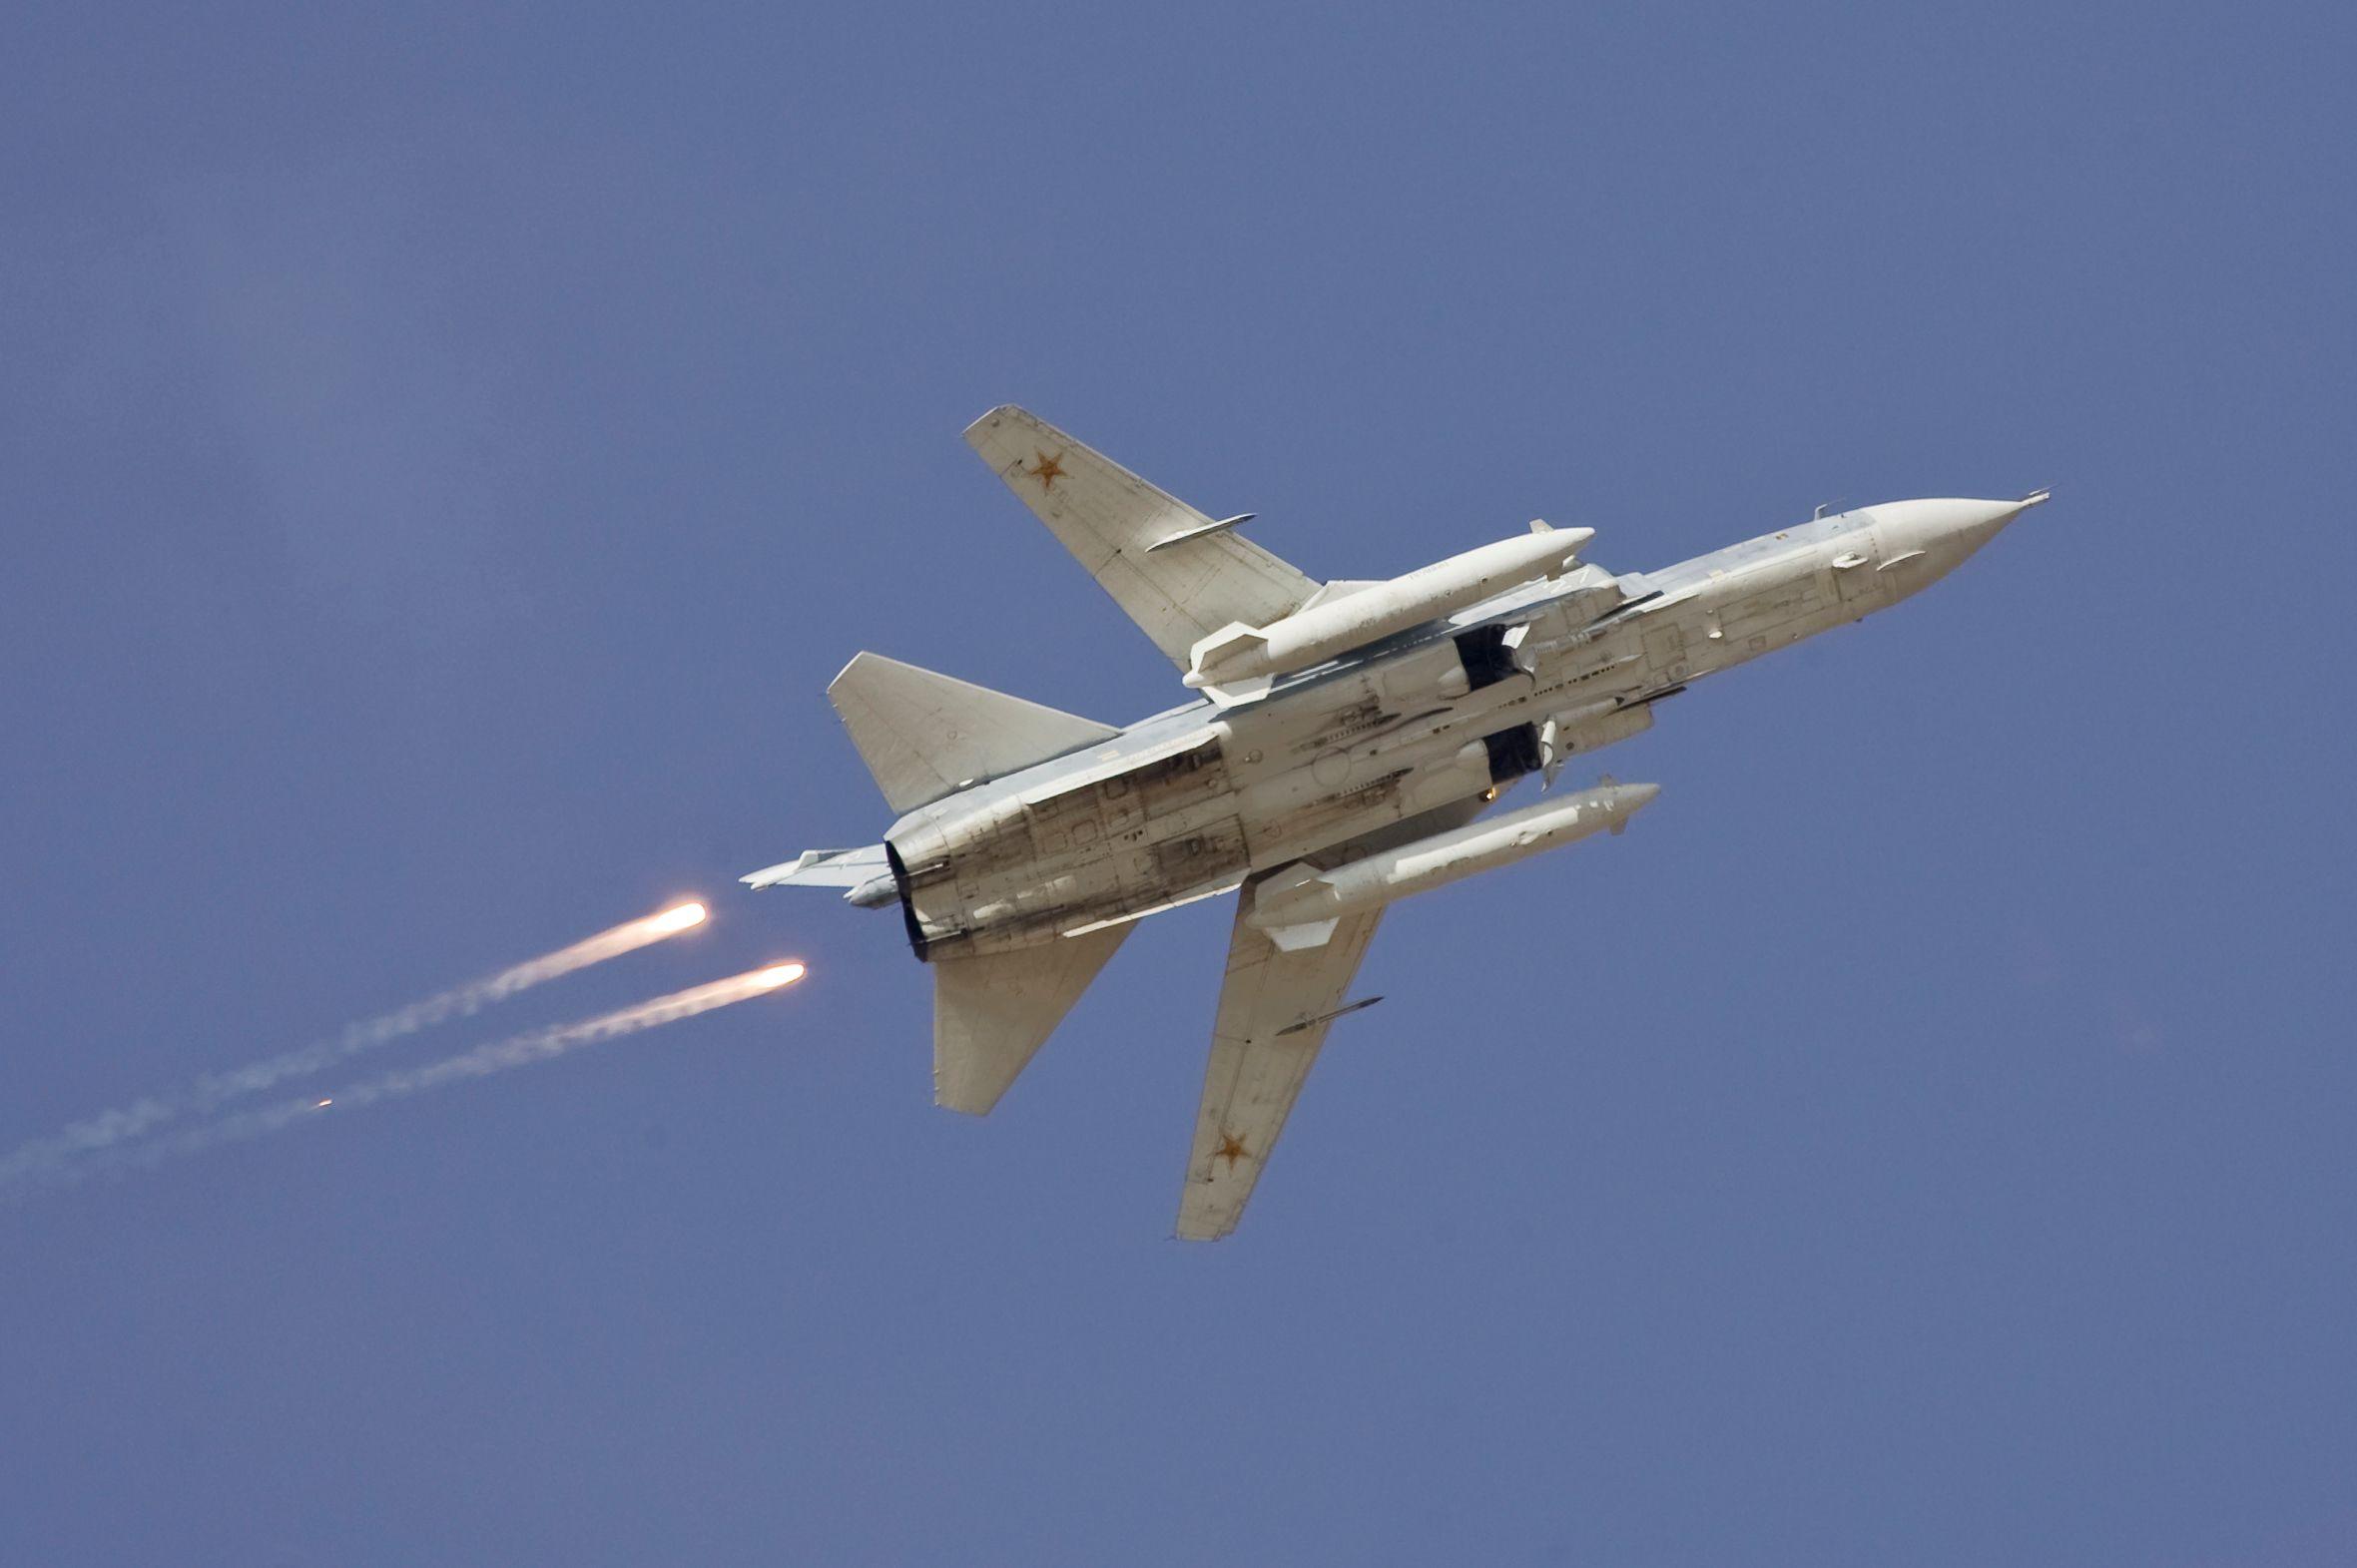 """Un avion militaire russe abattu par la Turquie à la frontière syrienne, Vladimir Poutine parle d'un """"coup de poignard dans le dos"""""""